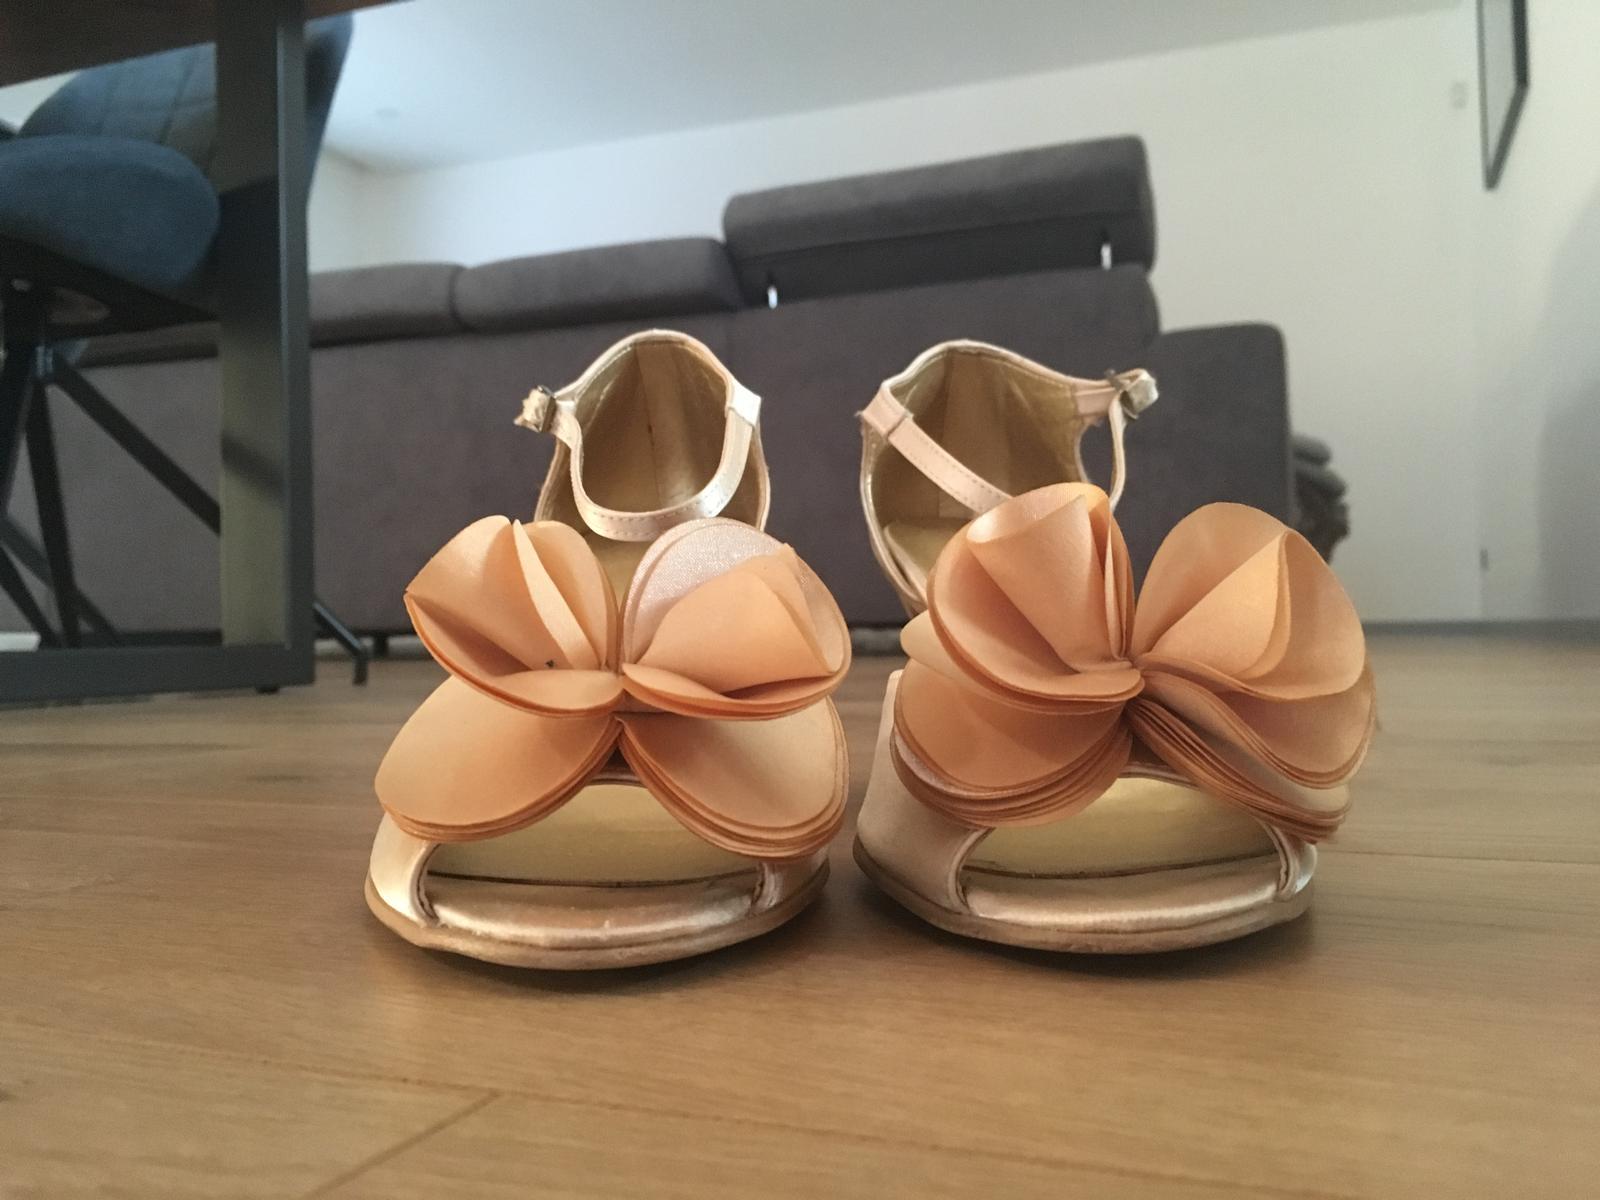 Tanečné sandálky z popelkateam - Obrázok č. 4